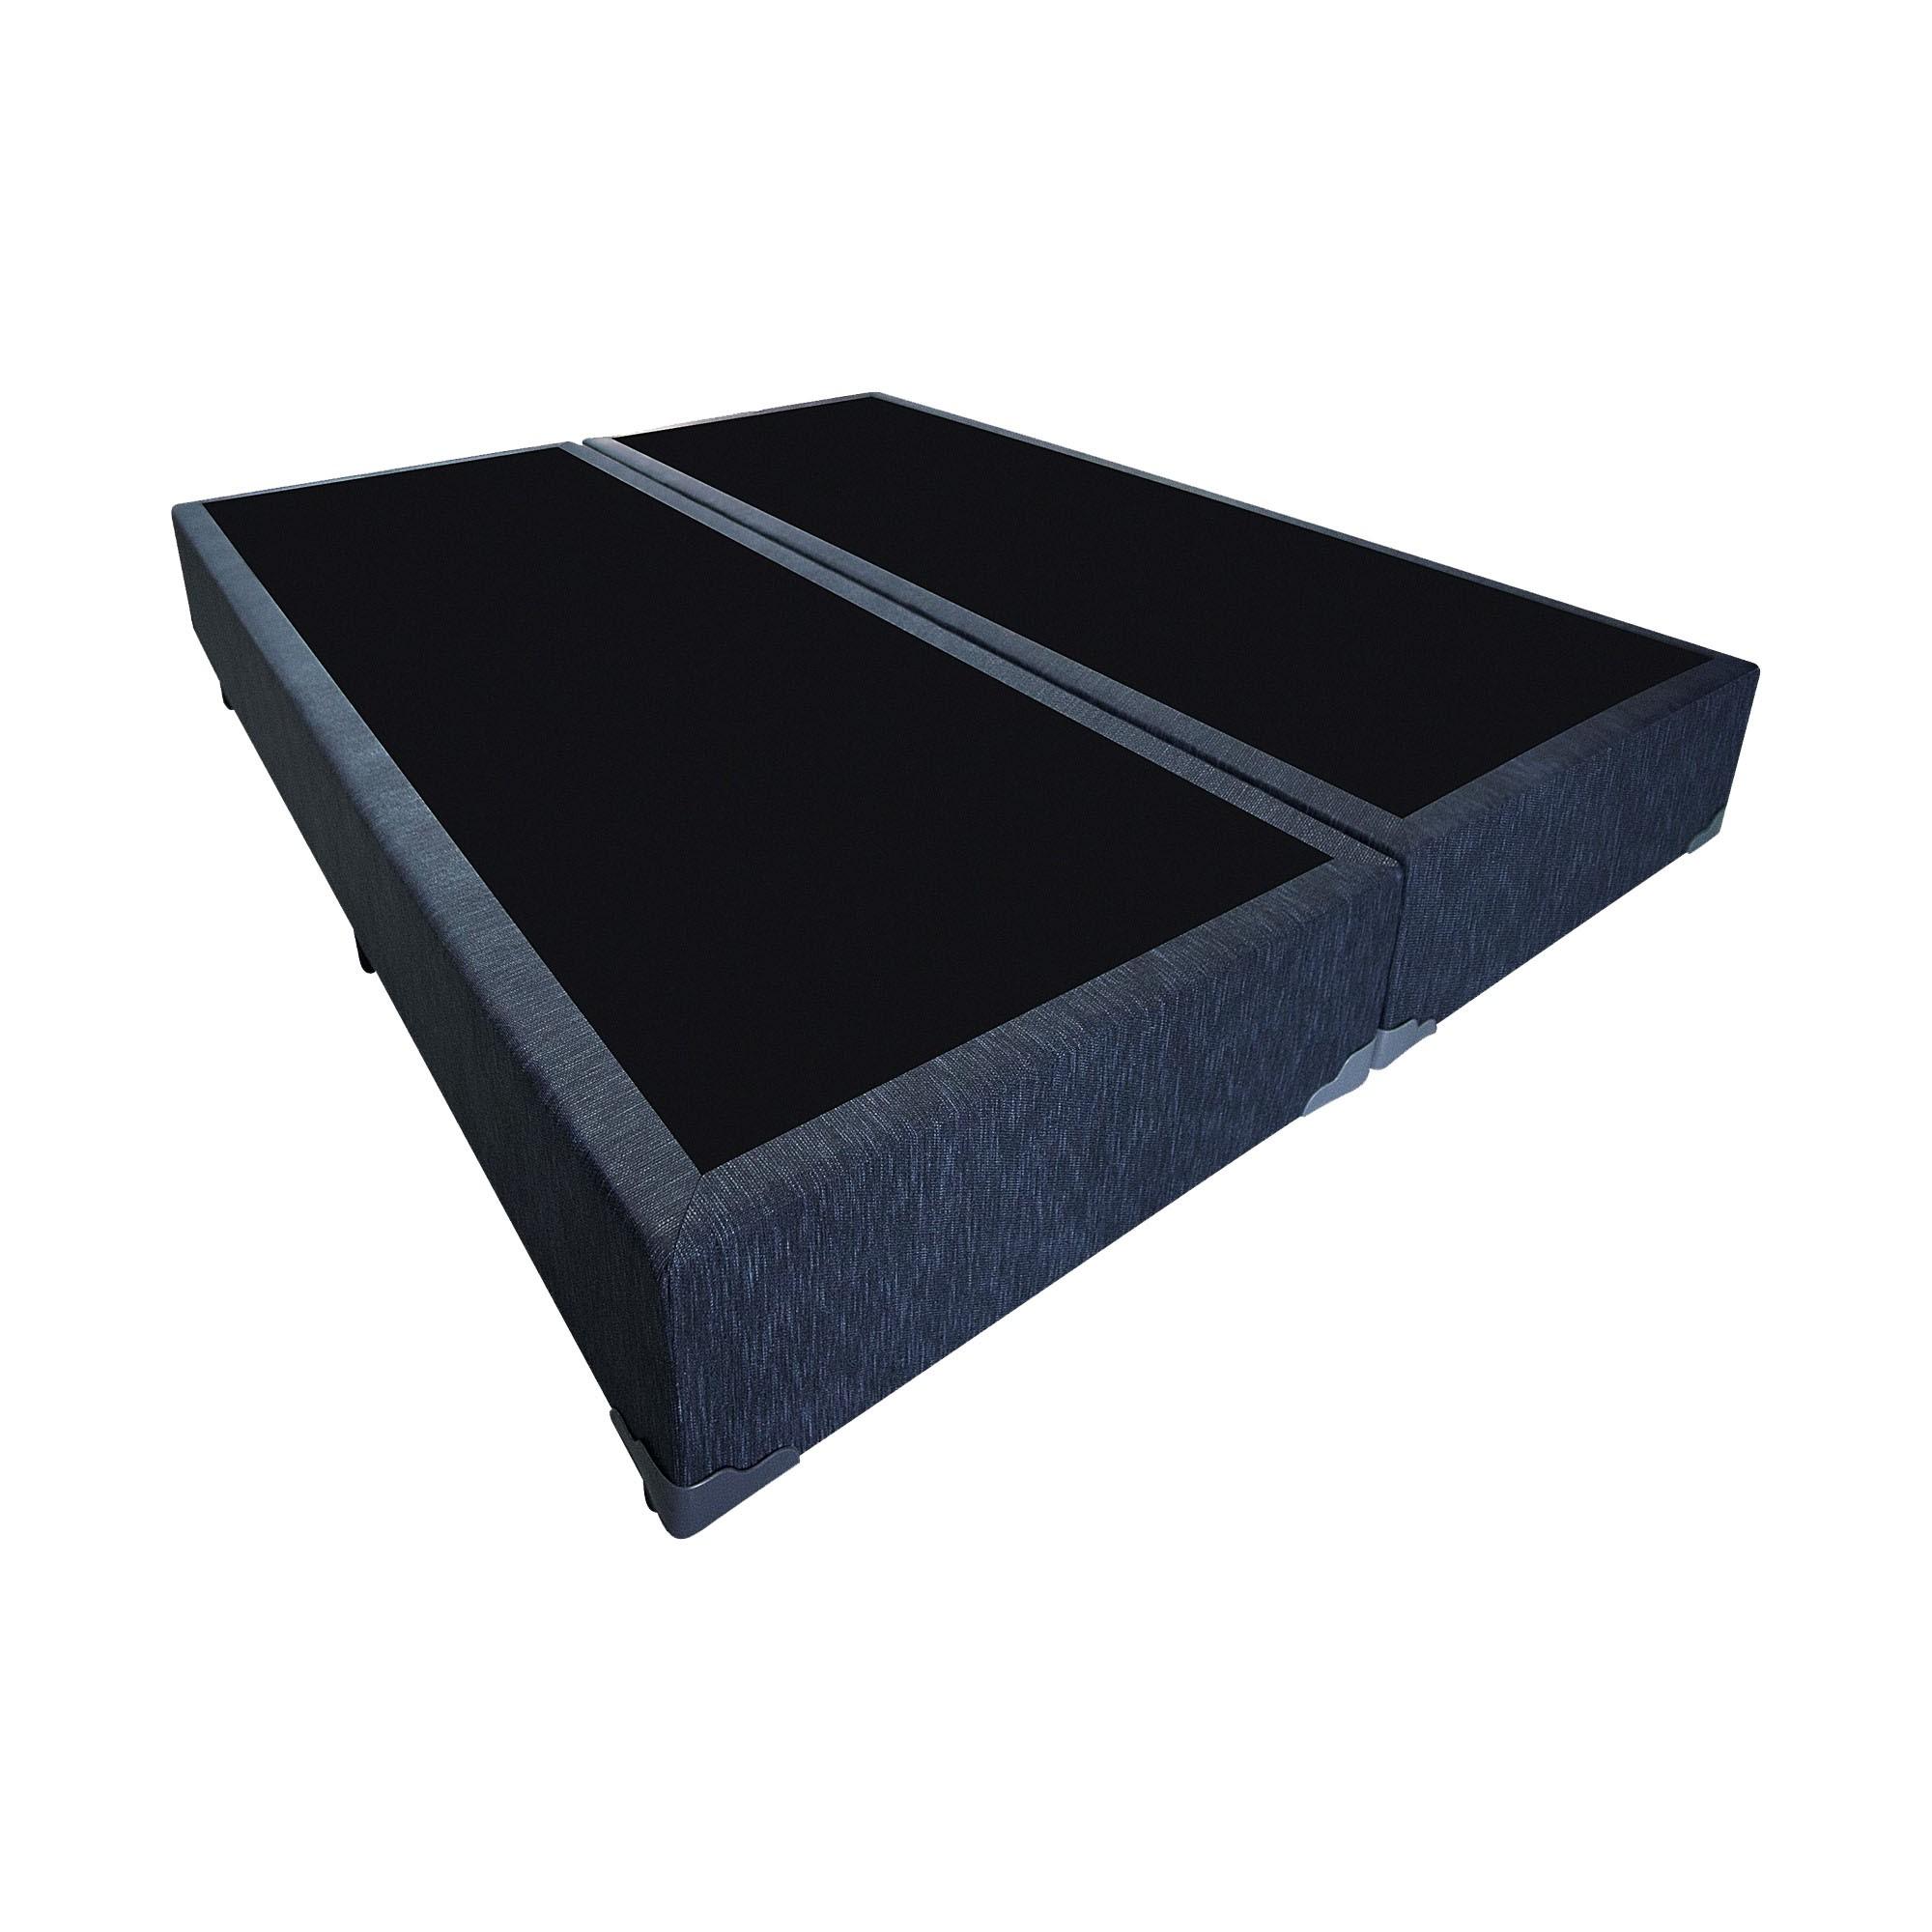 Box Tradicional Linhão Cosmo [King 193 x 203 cm]